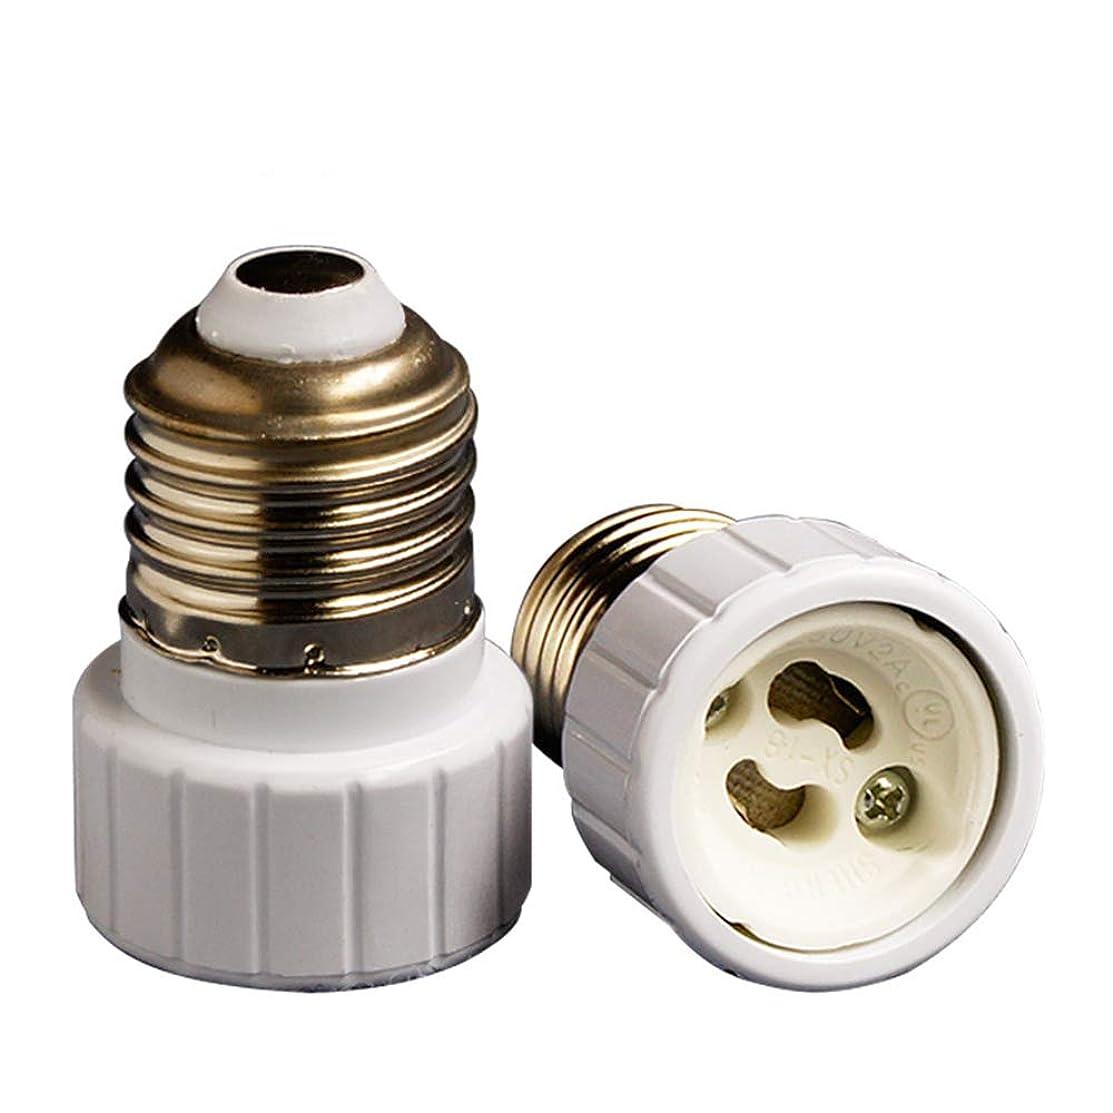 天才光電商業のOnior 省エネランプホルダーランプホルダーE27からGU10変換ランプホルダーランプベースアダプター1個